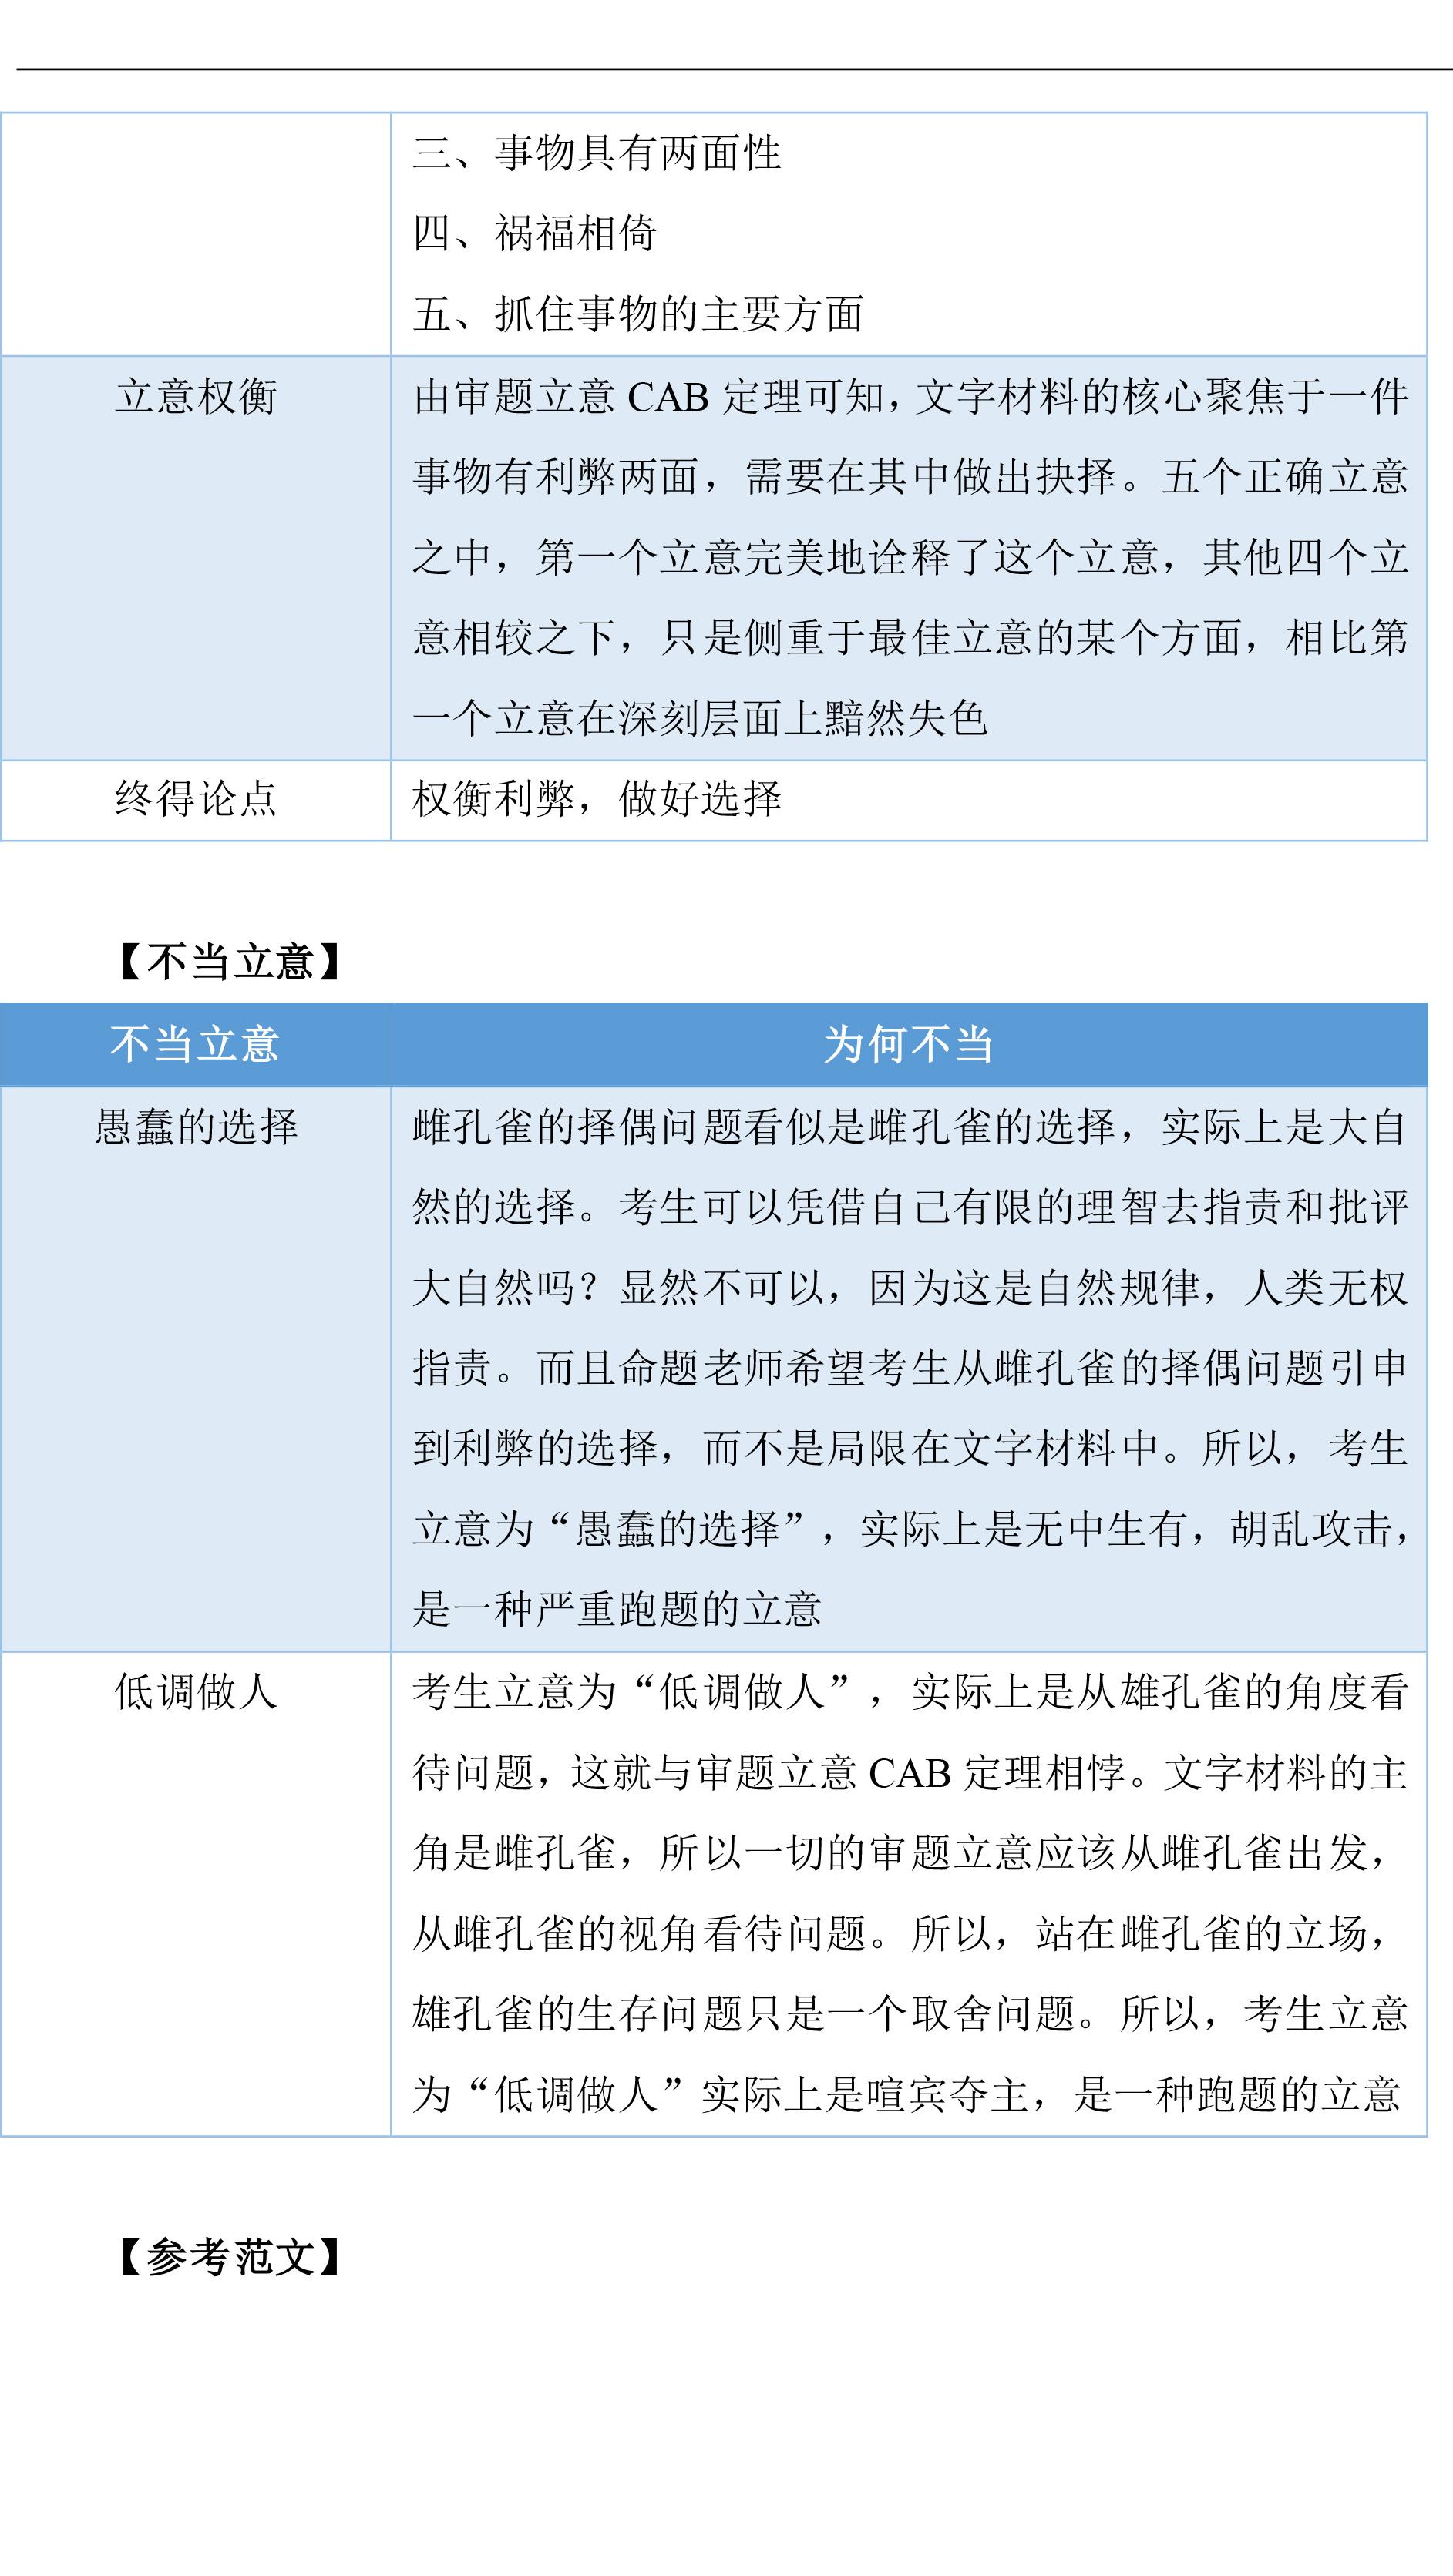 真题试卷集-综合-2014~2018-解析-17.jpg